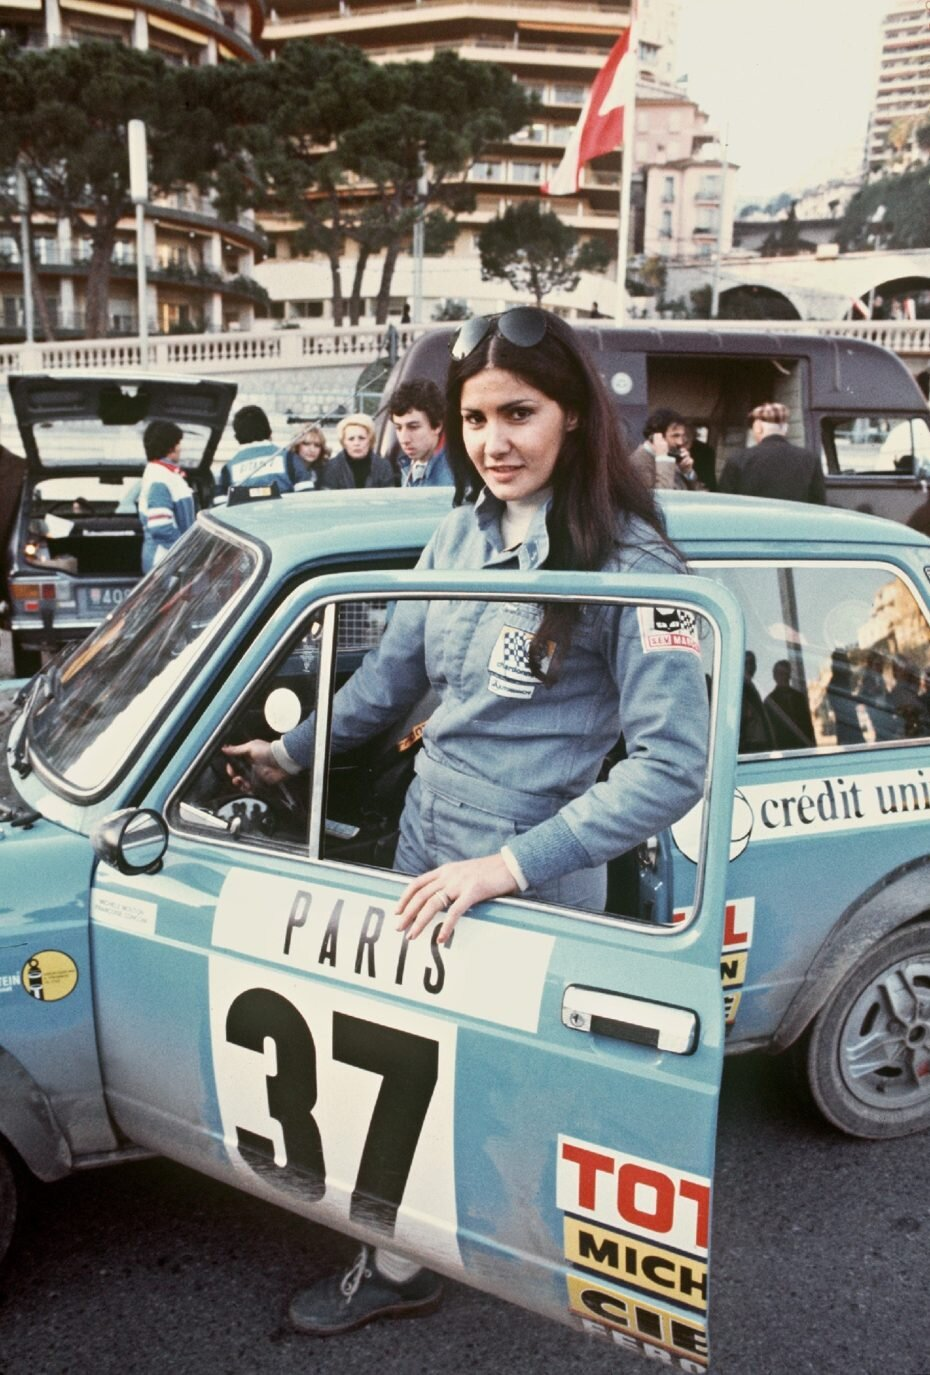 Michele-Moutondu-Rallye-Monte-Carlo-janvier-1977_2_1385_2048-930x1375.jpg